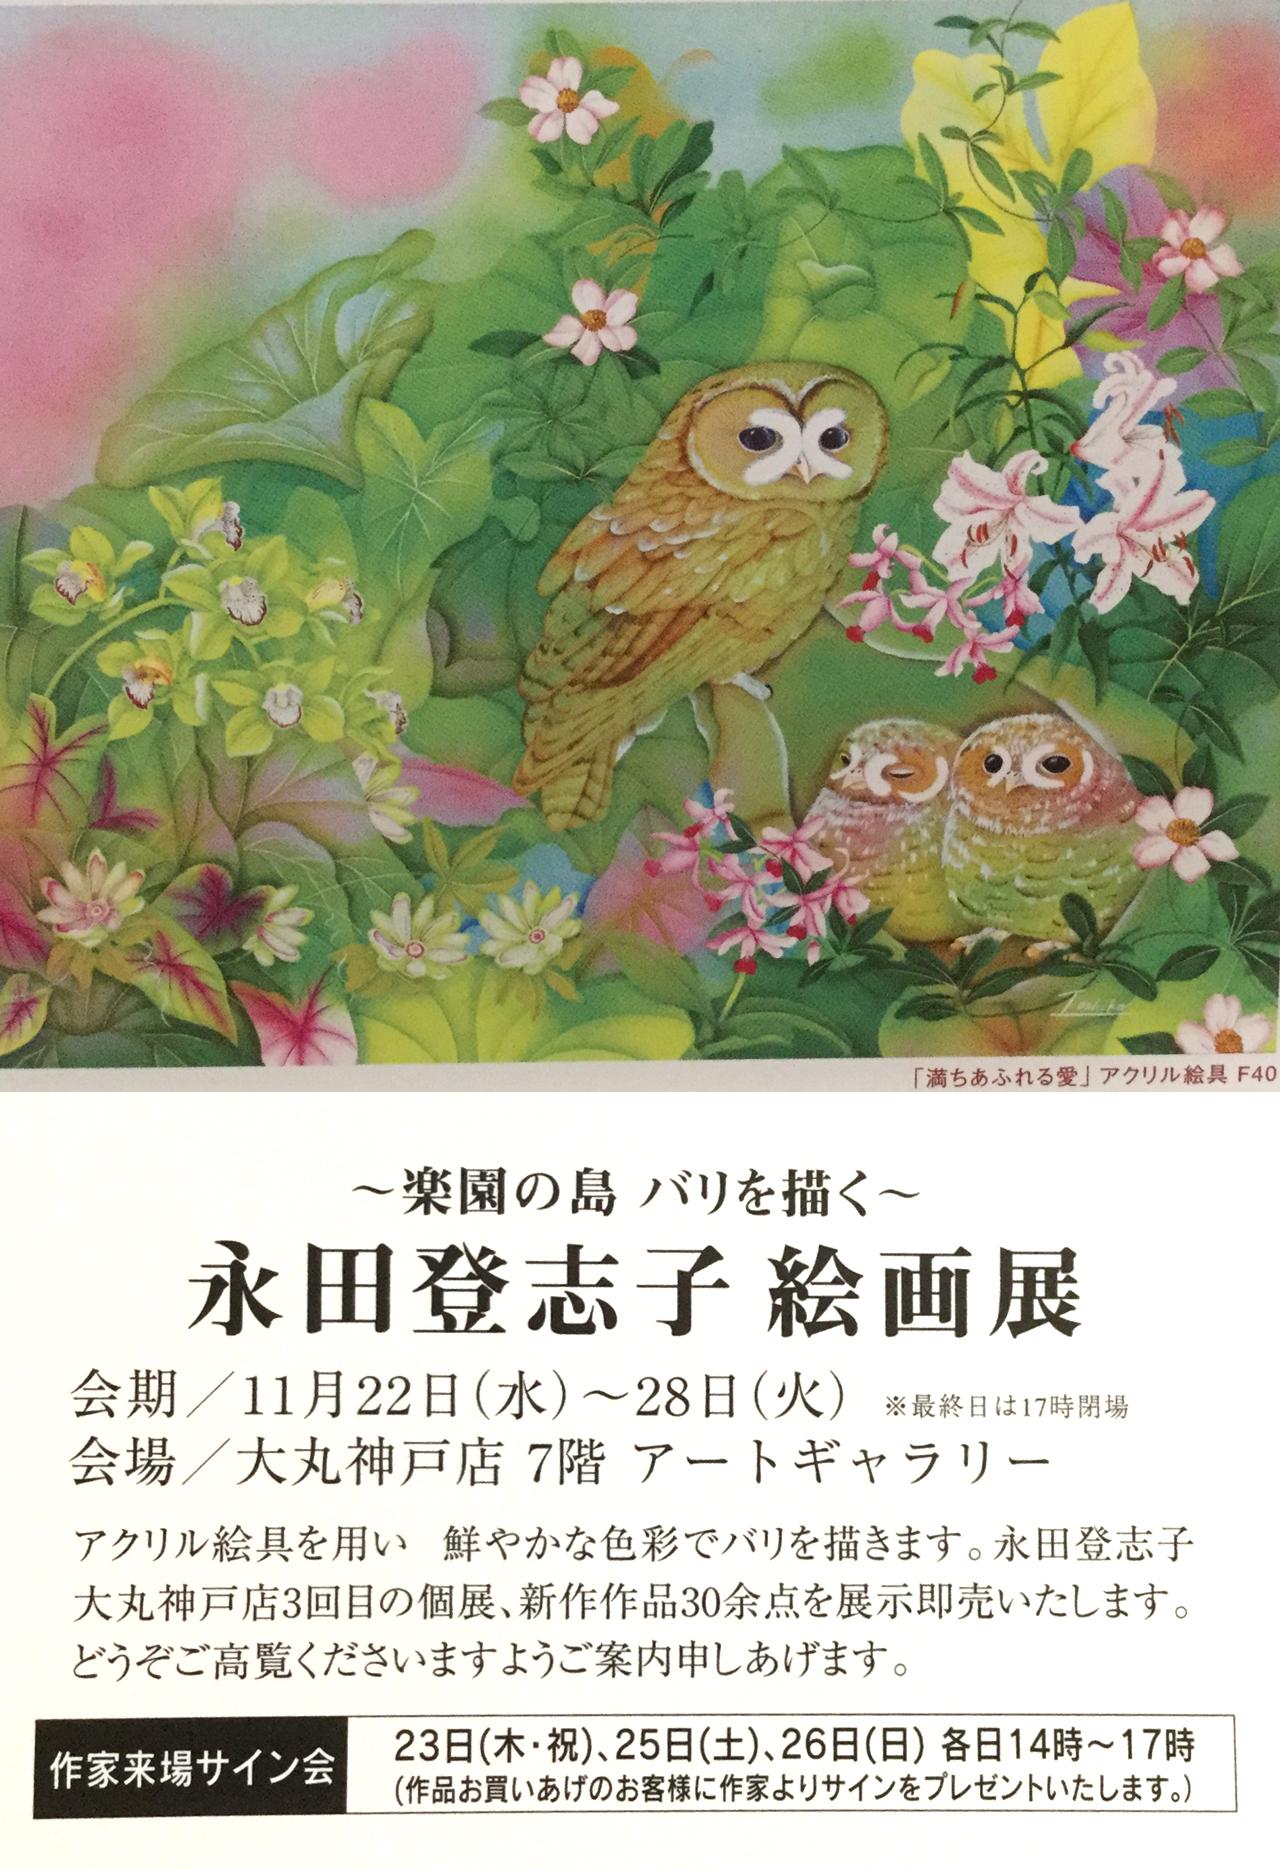 永田登志子 絵画展